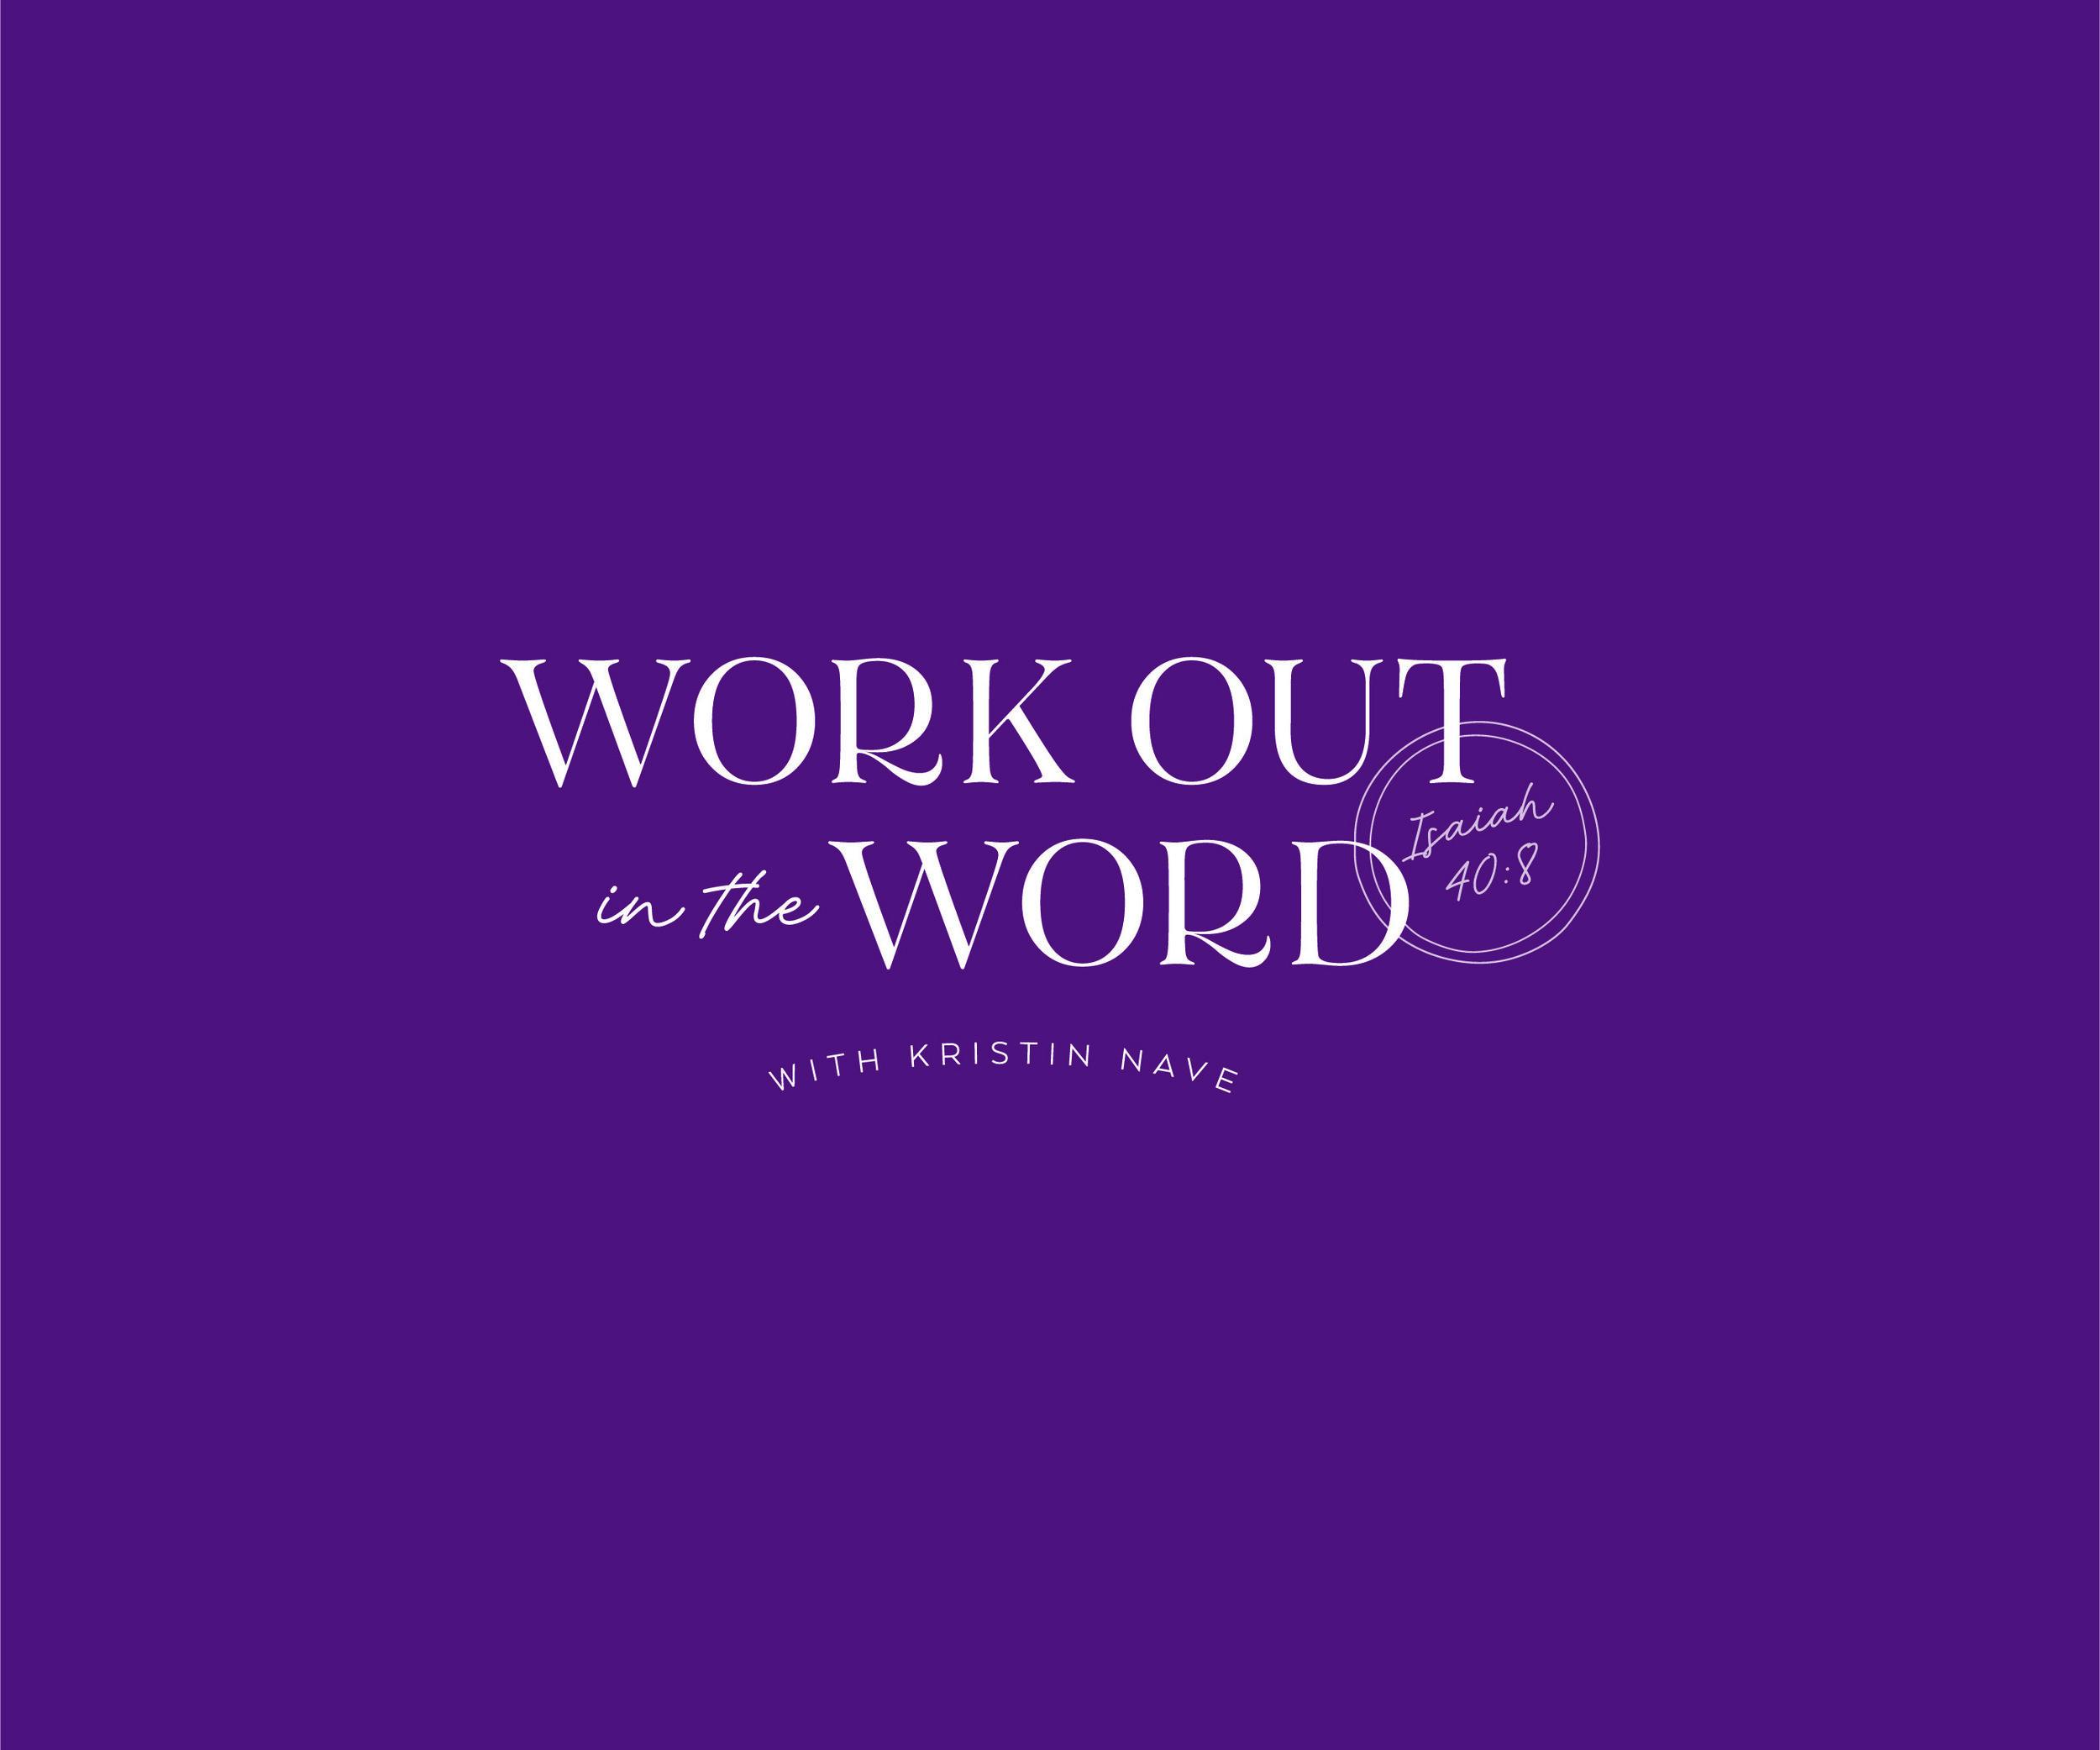 WorkoutInTheWord.jpg